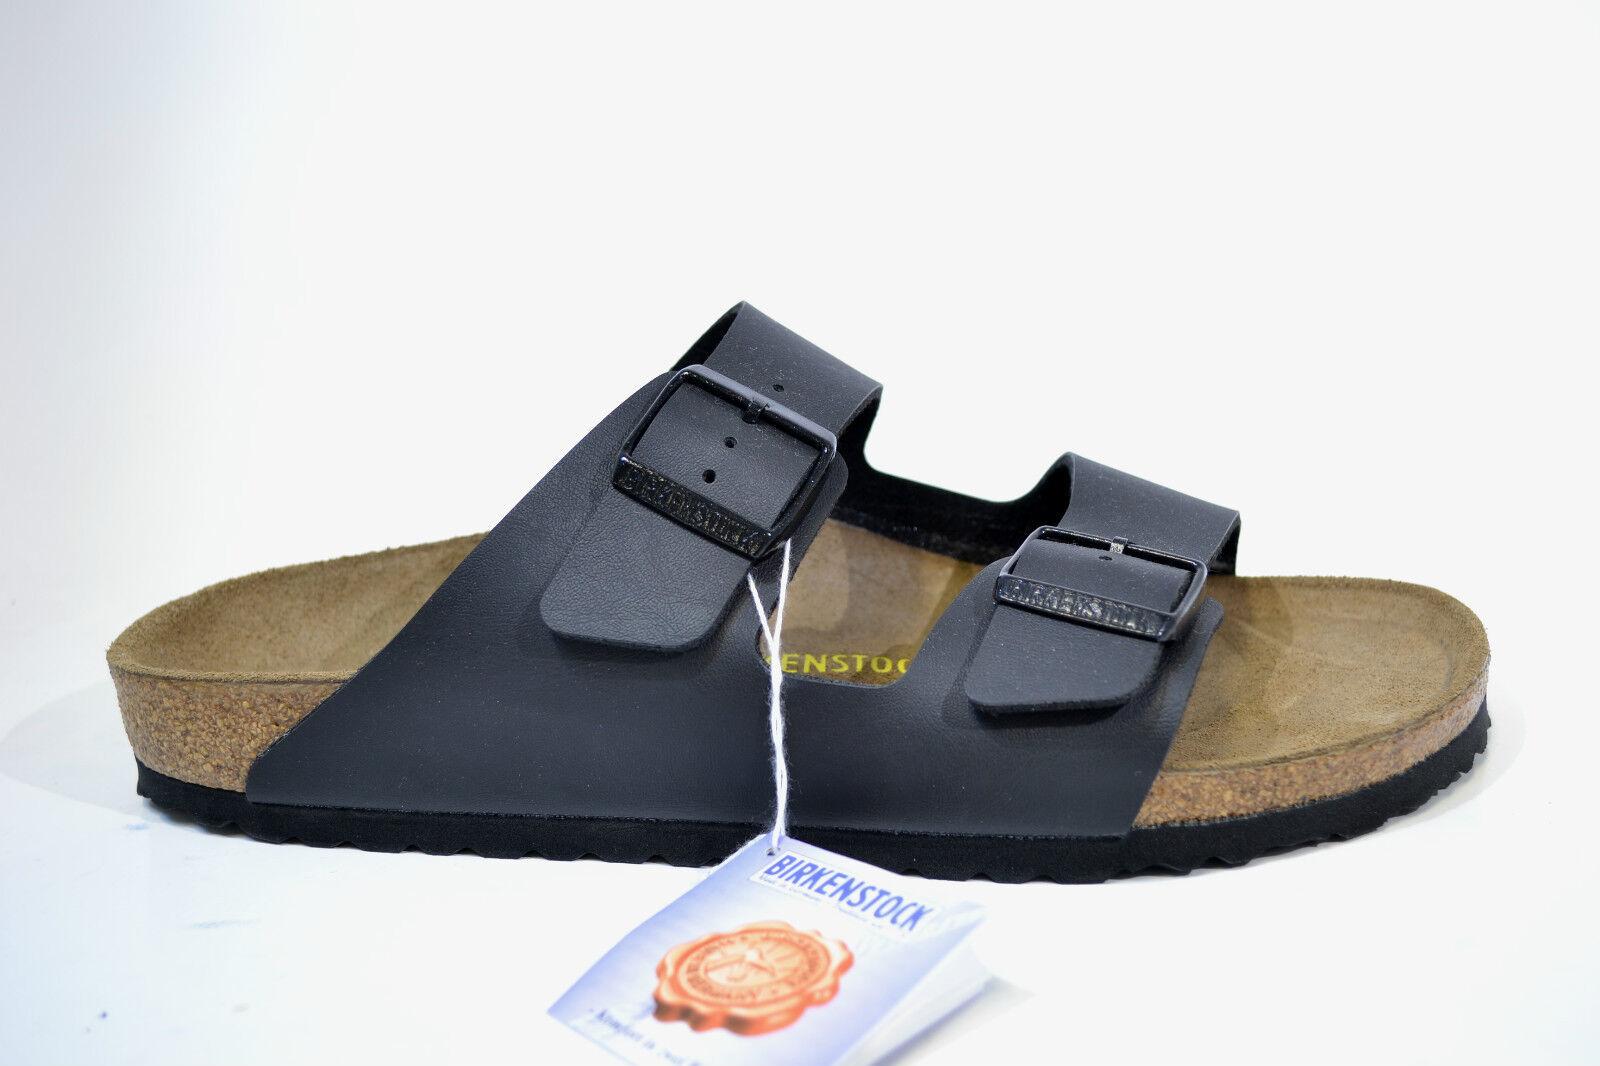 Birkenstock Pantoletten Birko-Flor Arizona schwarz BF Birko-Flor Pantoletten 051793 Schuhe REDUZIERT 79ab7a